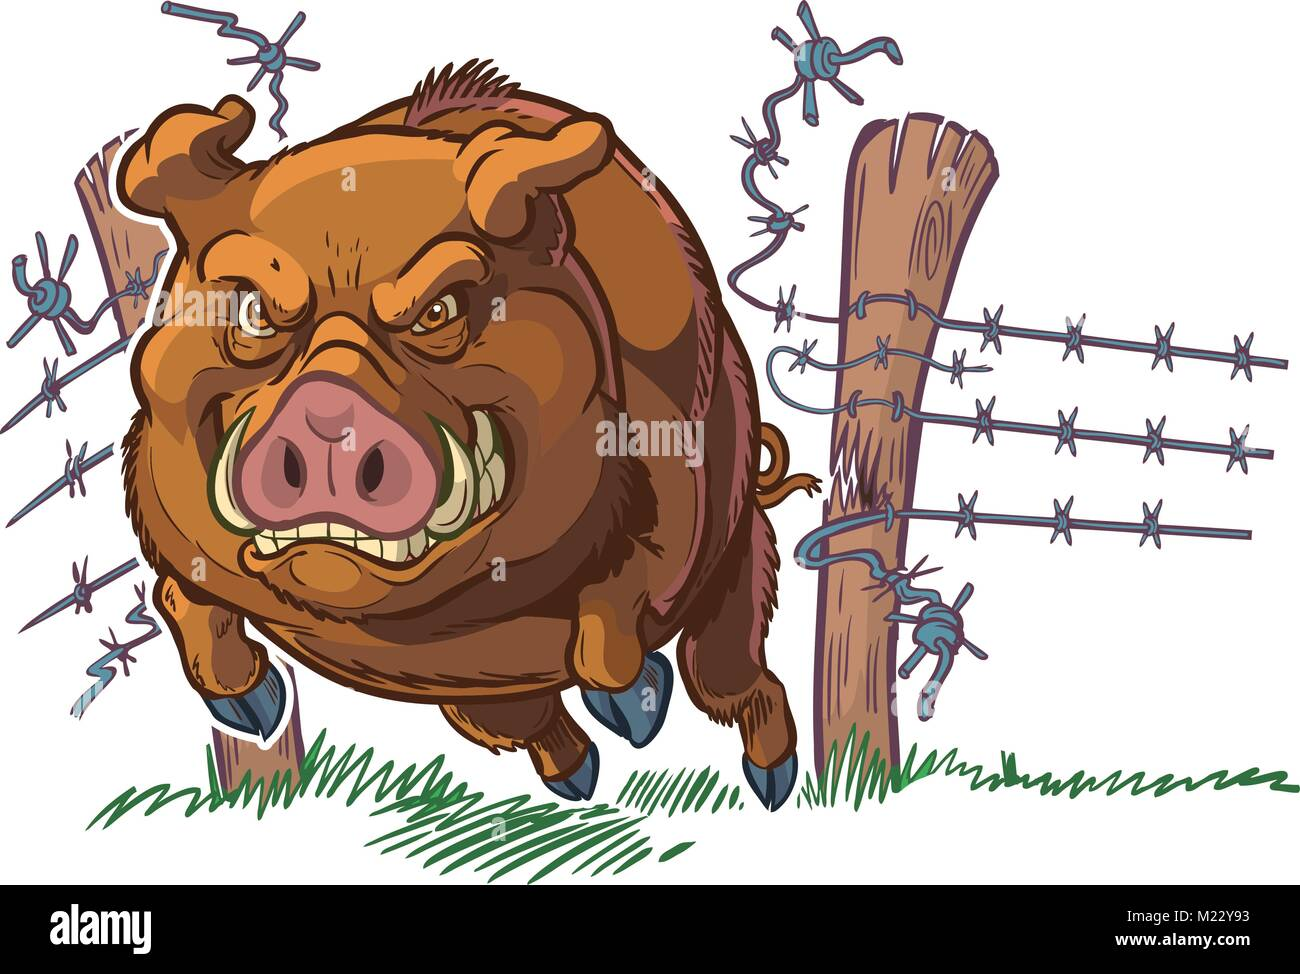 Vektor cartoon Clipart Illustration einer harten und bedeuten ...